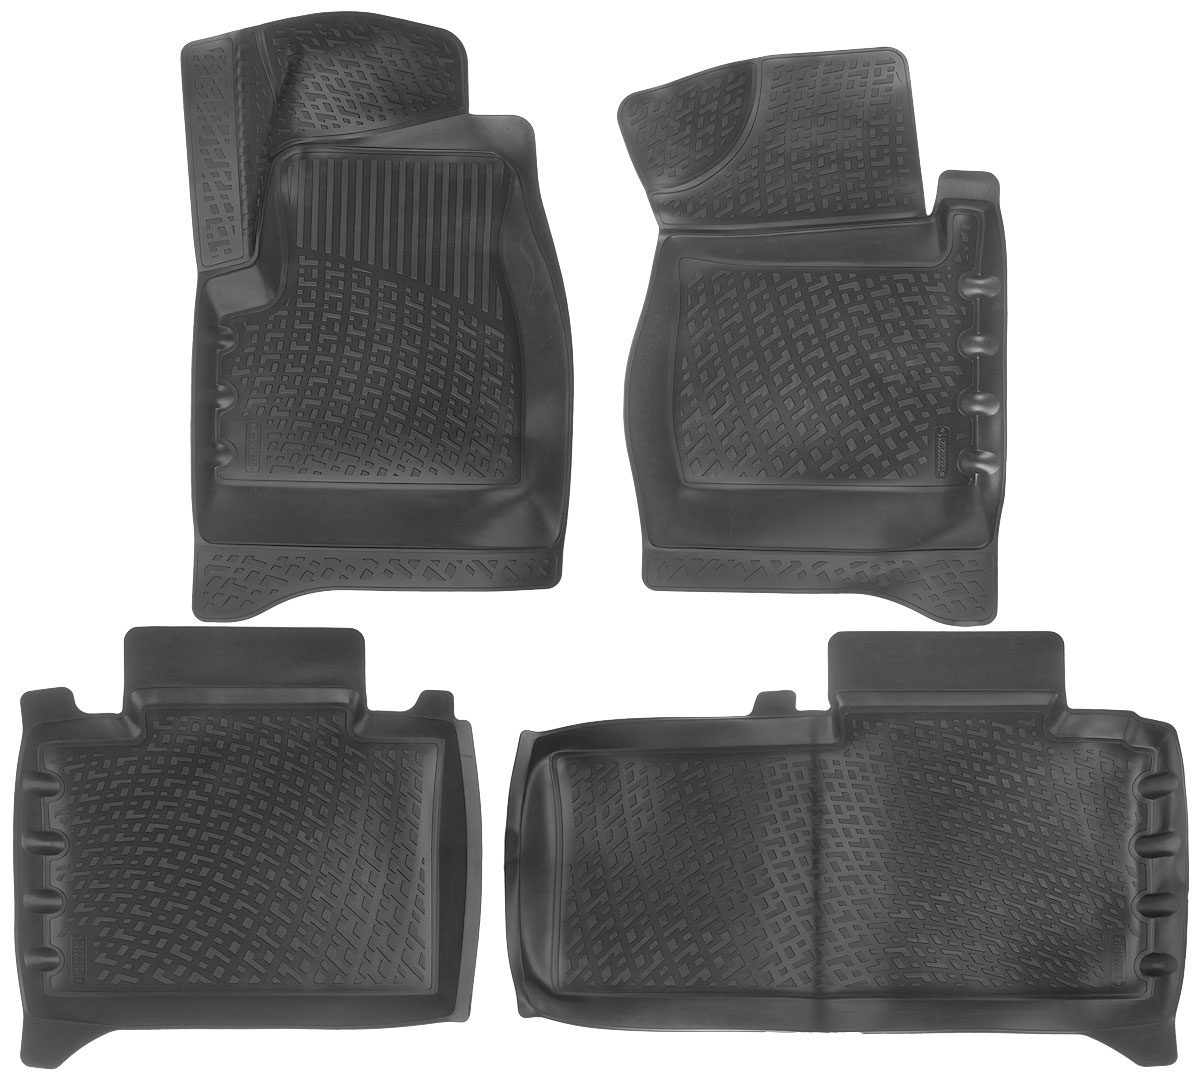 Набор автомобильных ковриков L.Locker УАЗ Patriot (1) 2012, в салон, 4 шт0282020201Набор L.Locker УАЗ Patriot (1) 2012, изготовленный из полиуретана, состоит из 4 антискользящих 3D ковриков, которые производятся индивидуально для каждой модели автомобиля. Изделие точно повторяет геометрию пола автомобиля, имеет высокий борт, обладает повышенной износоустойчивостью, лишено резкого запаха и сохраняет свои потребительские свойства в широком диапазоне температур от -50°С до +50°С.Комплектация: 4 шт.Размер ковриков: 82 см х 52 см; 64 см х 57 см; 59 см х 90 см; 76 см х 51 см.